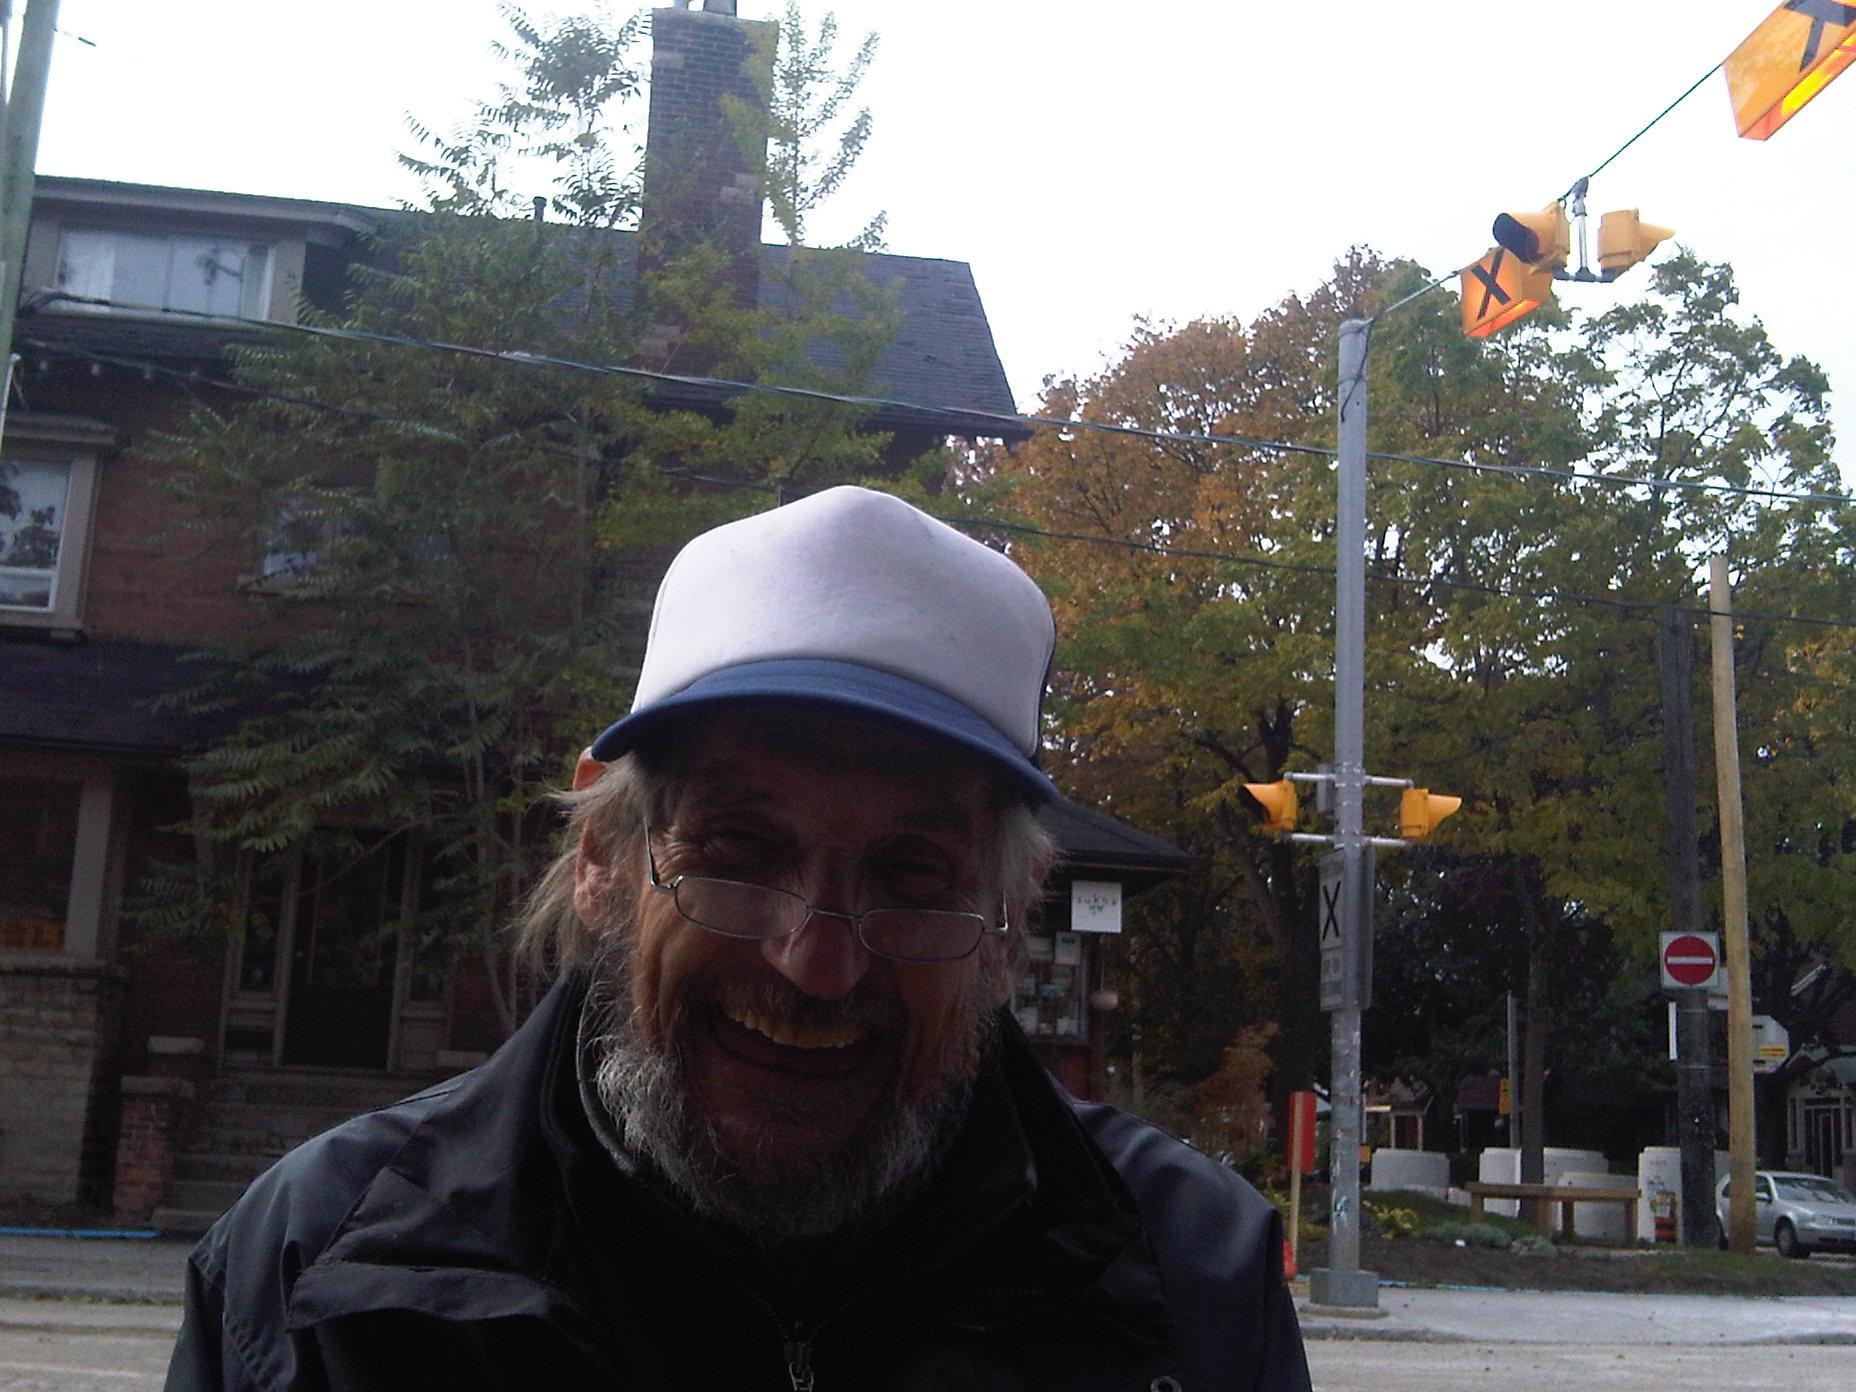 Tonys face - Oct 15 2009